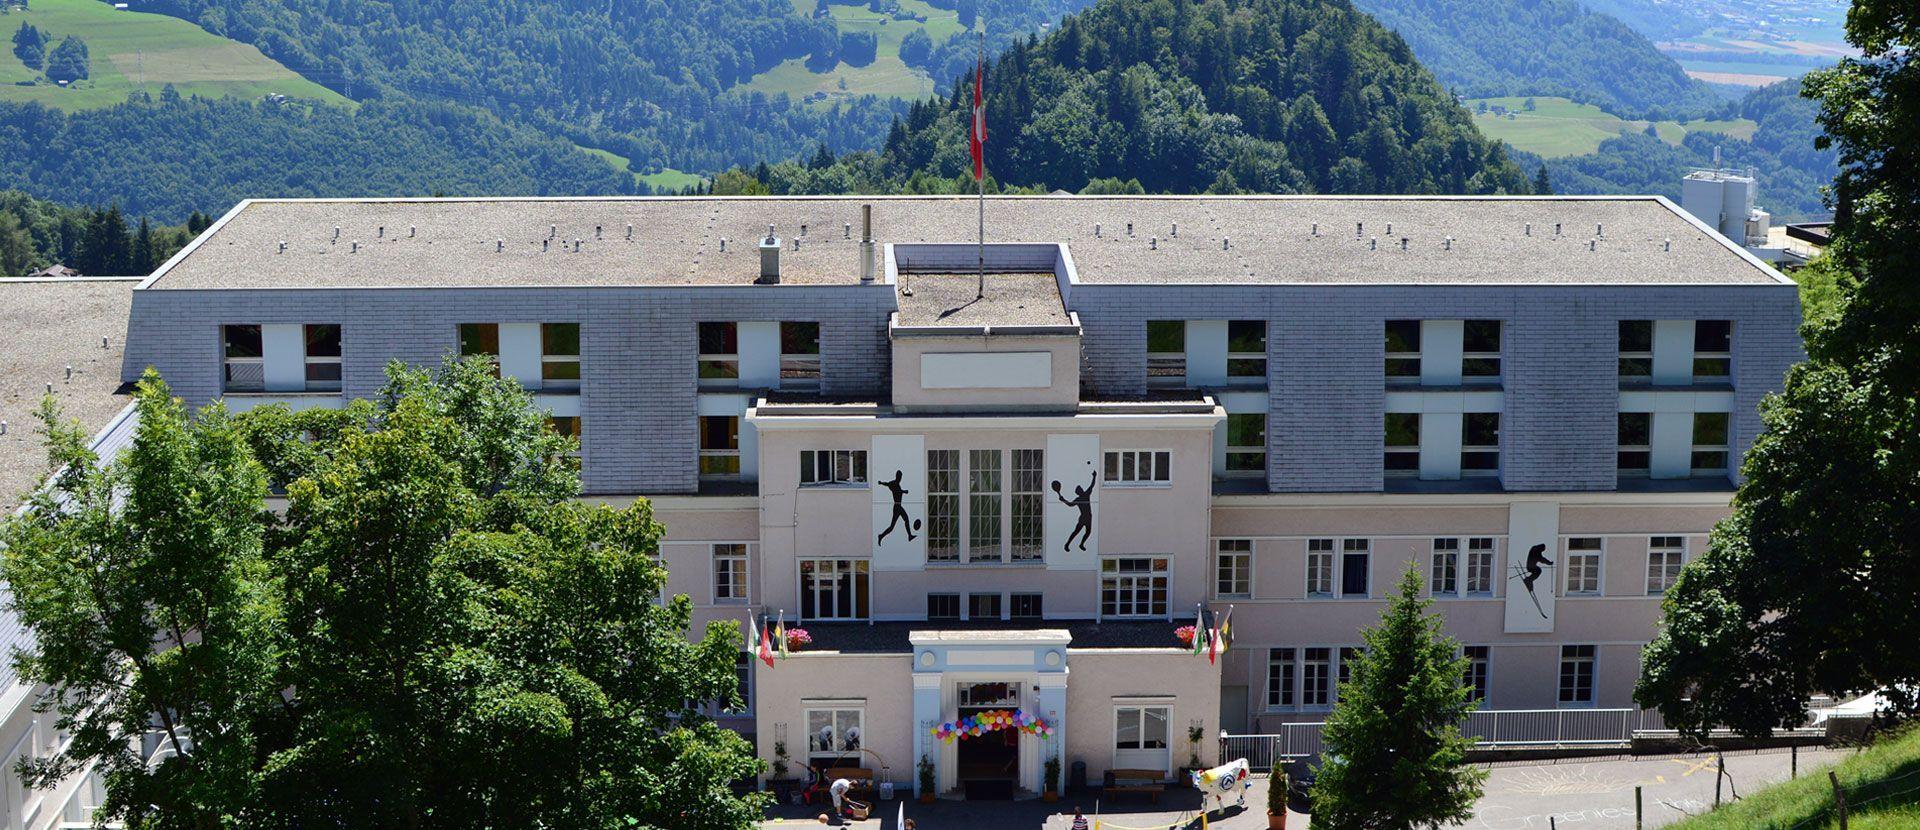 camp Leysin Suiza campamento americano ASTEX 0